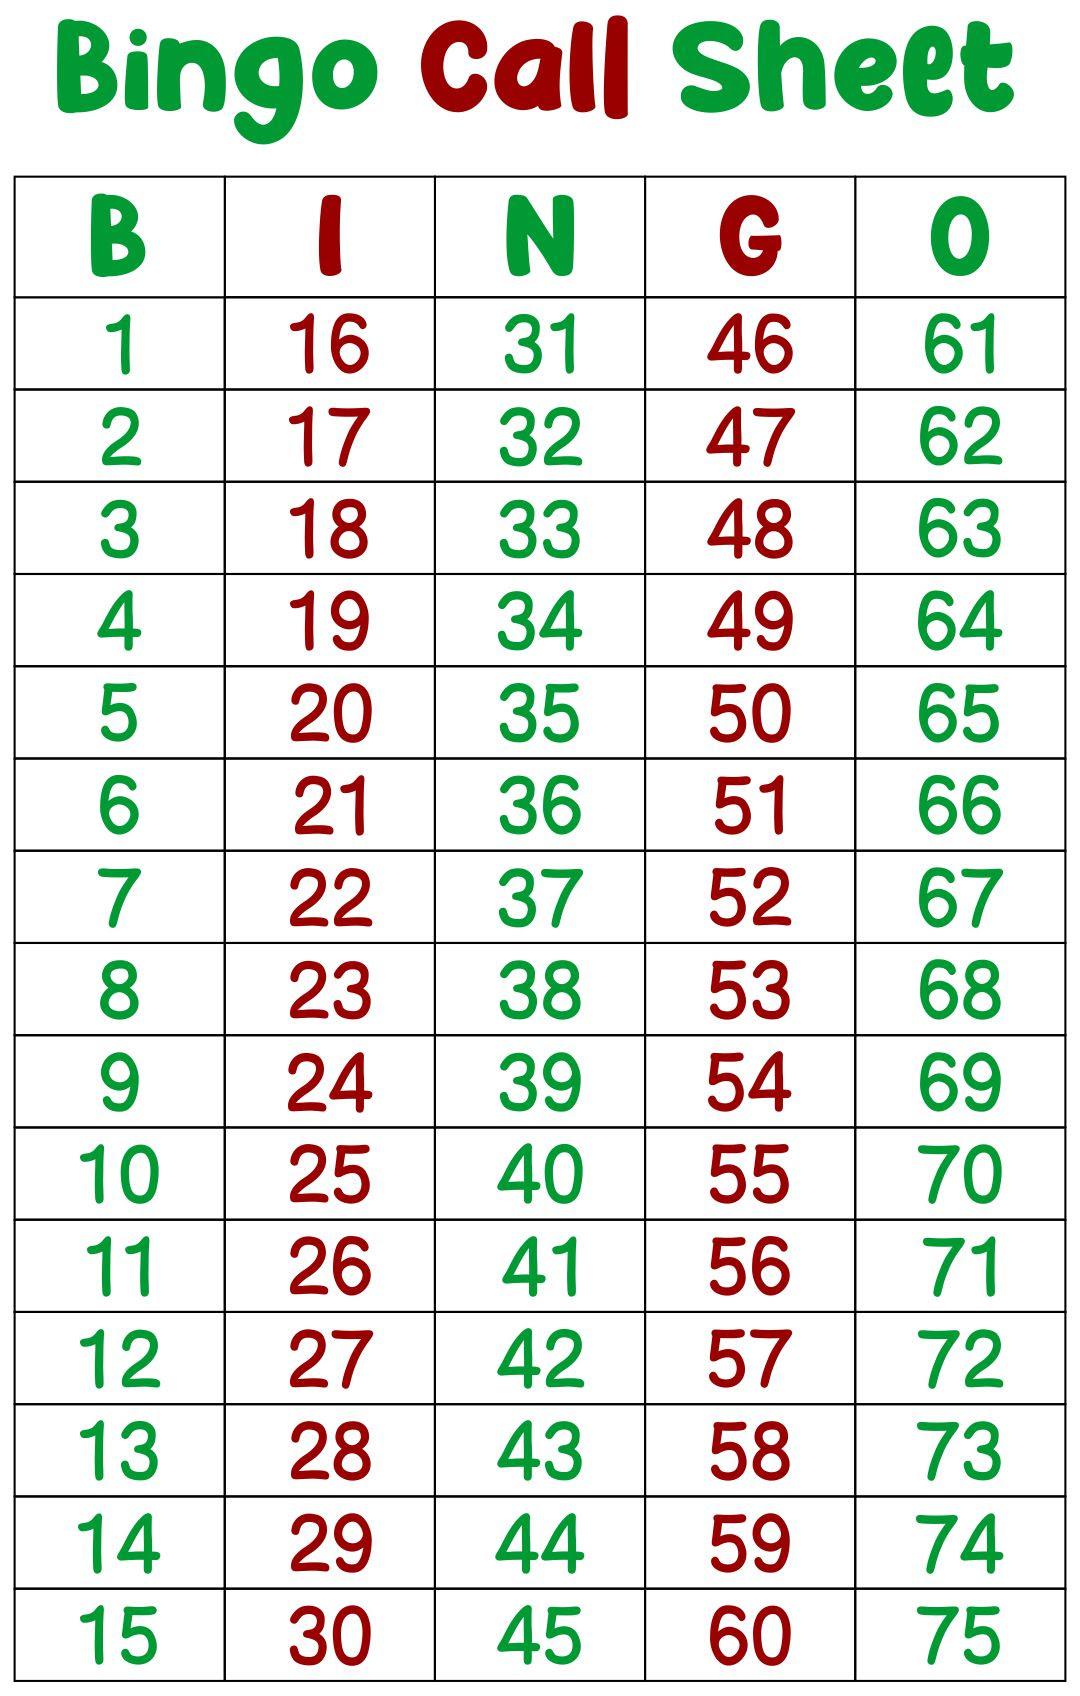 Online bingo caller 75